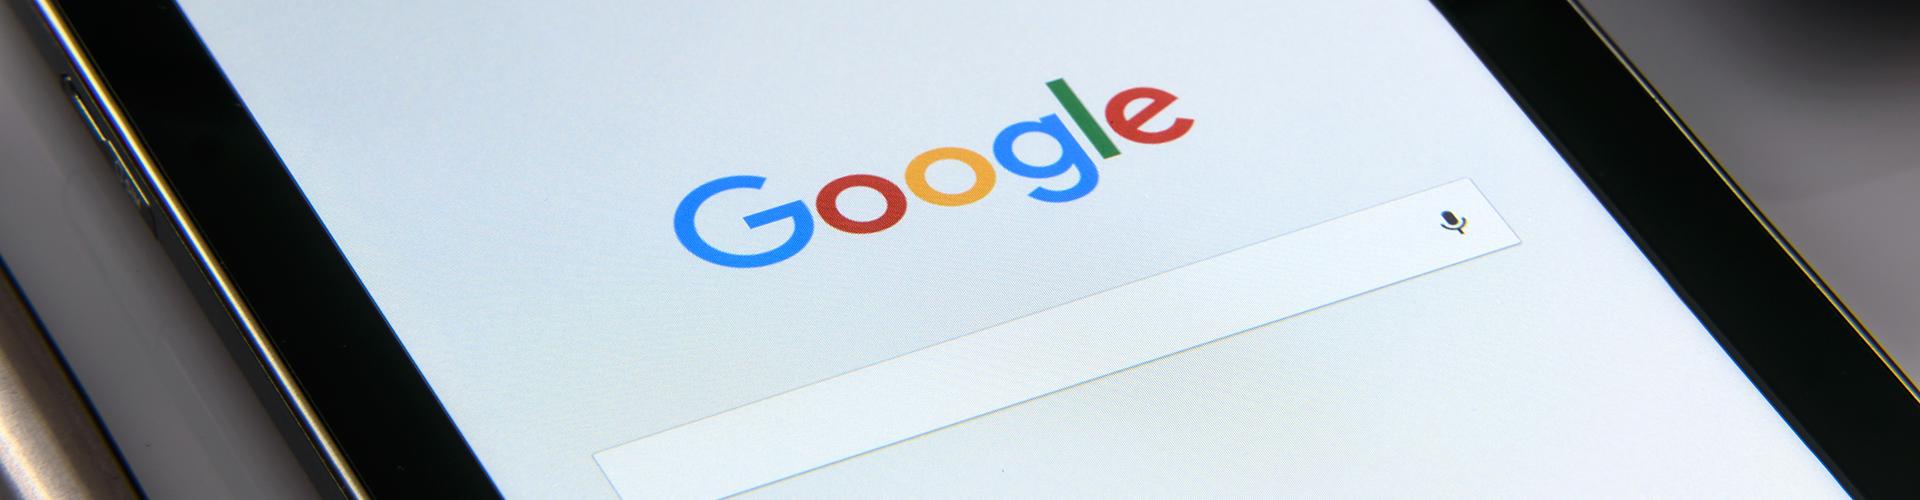 Organic vs. Paid Google listings